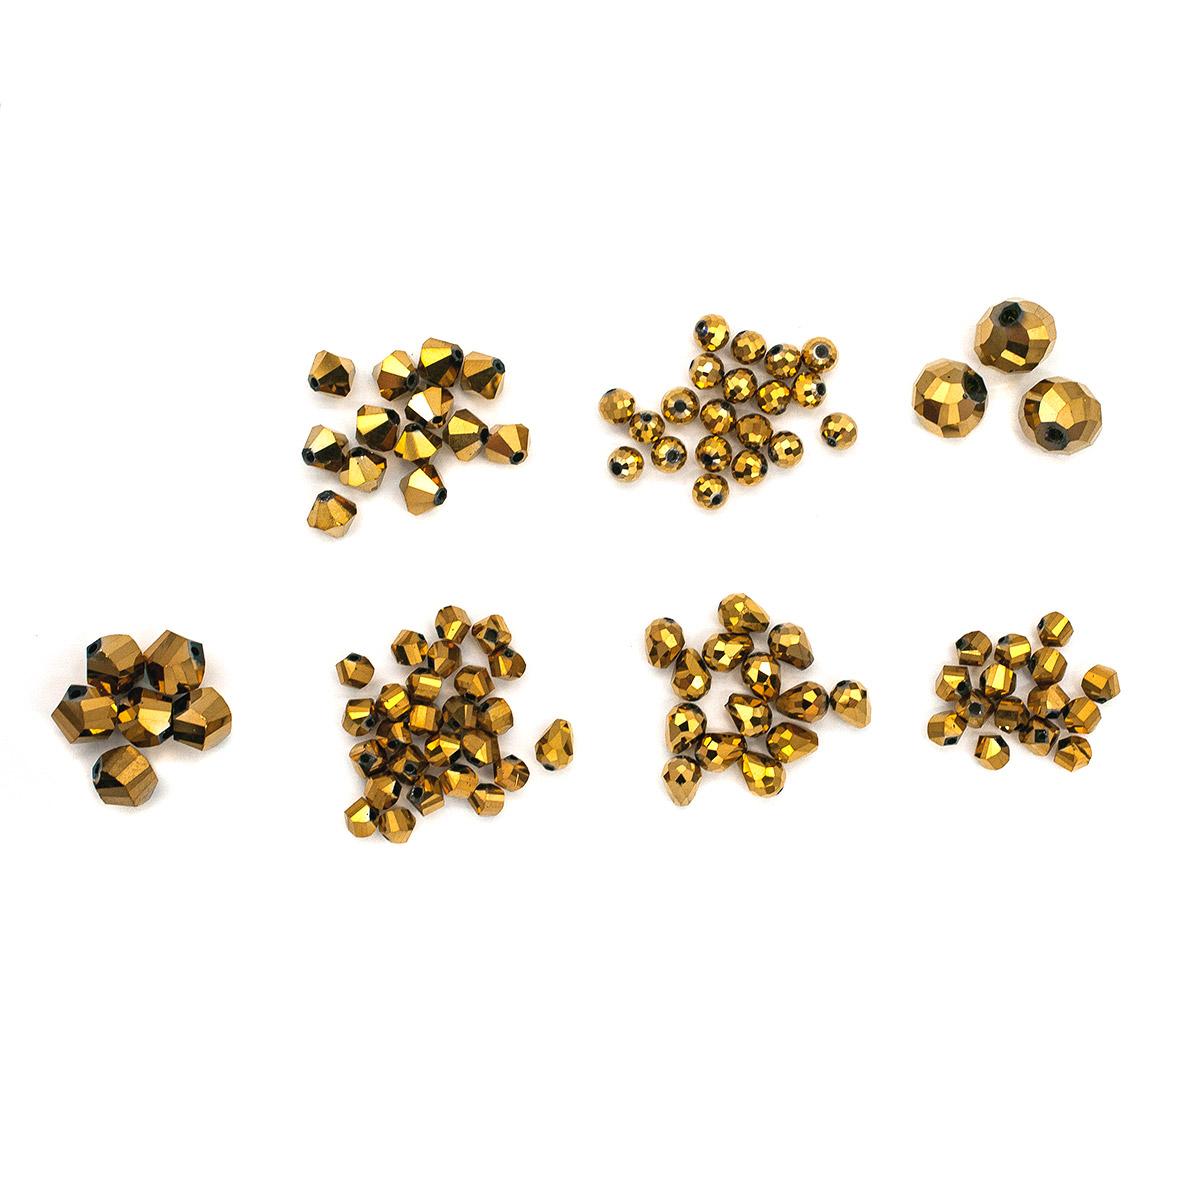 Набор стеклянных бусин 'Роскошный золотой', 95+/-2 шт, Астра